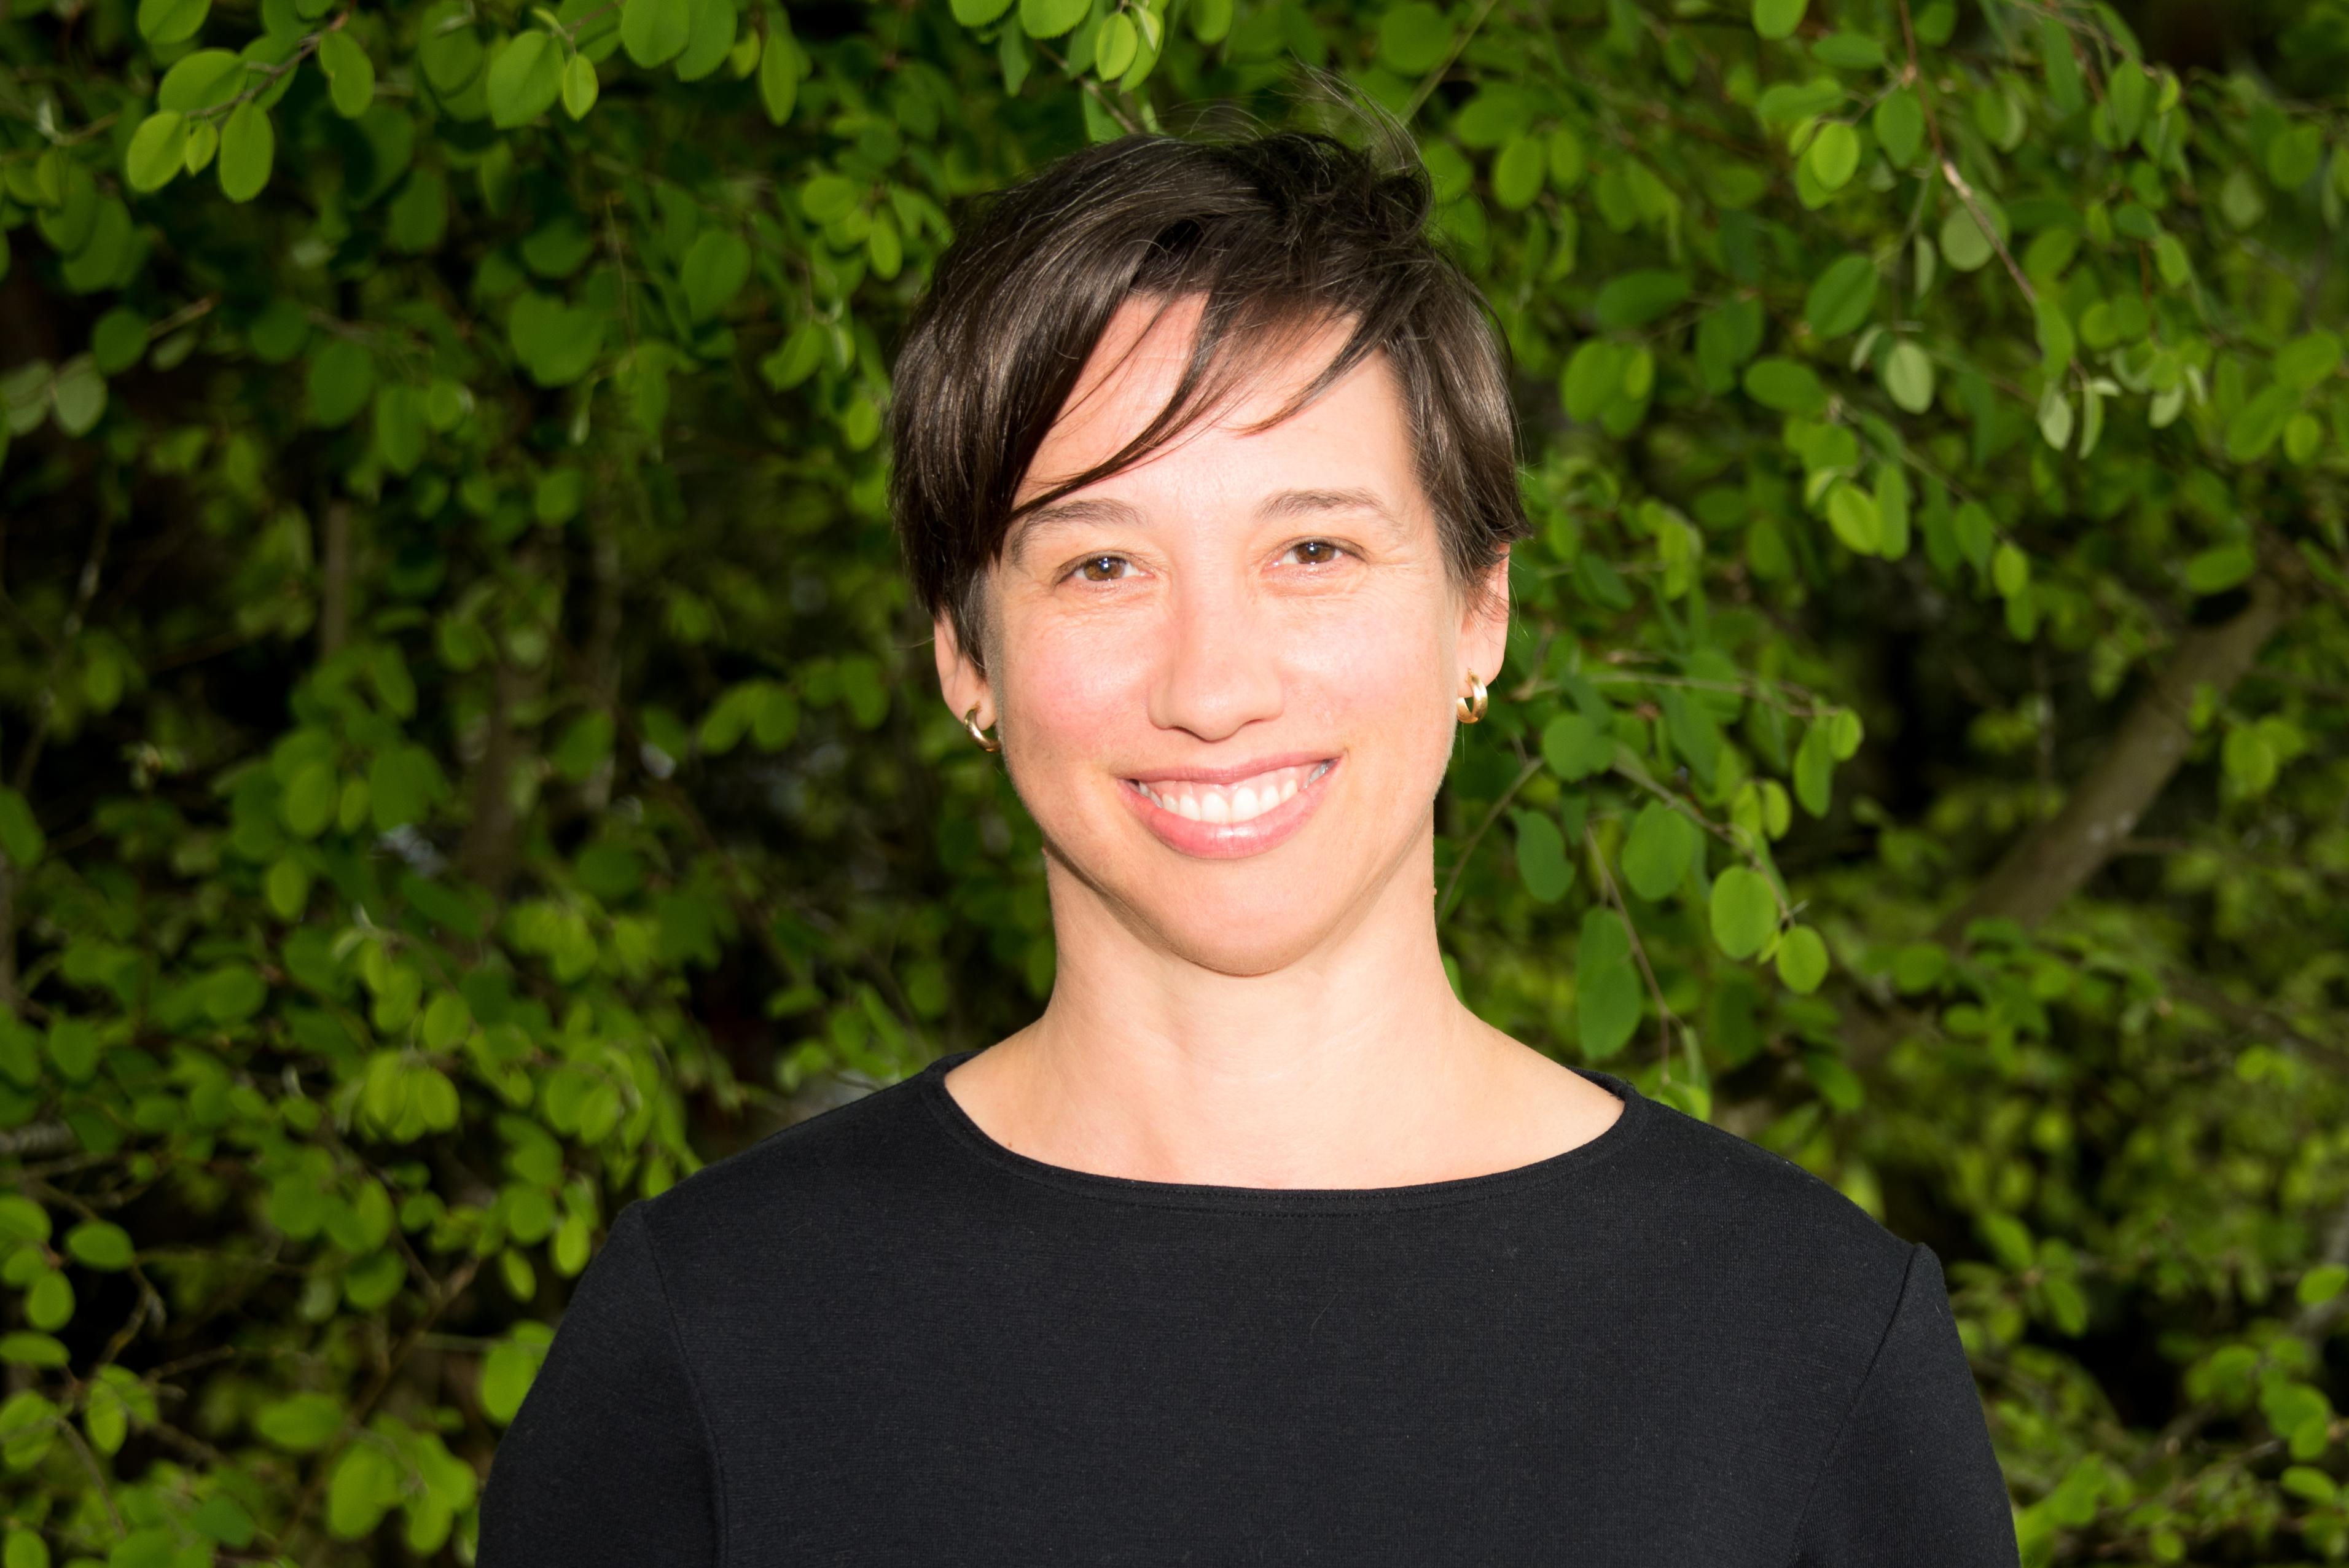 Andrea Lairson